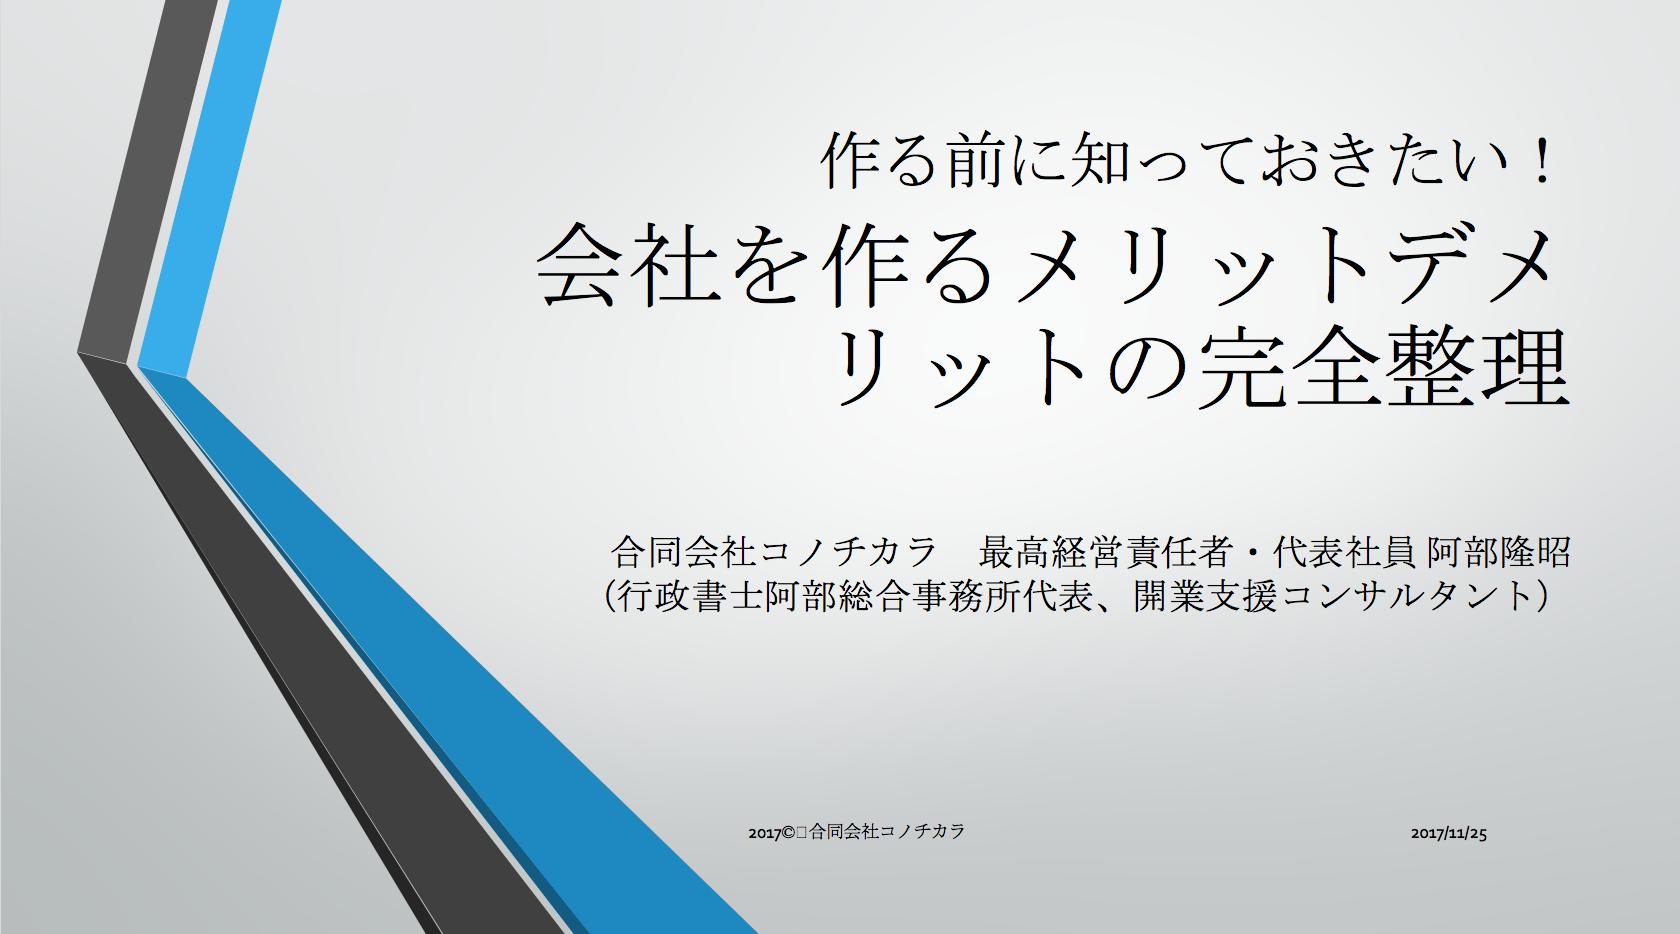 「作る前に知っておきたい!会社を作るメリットデメリットの完全整理」セミナー開催|行政書士阿部総合事務所